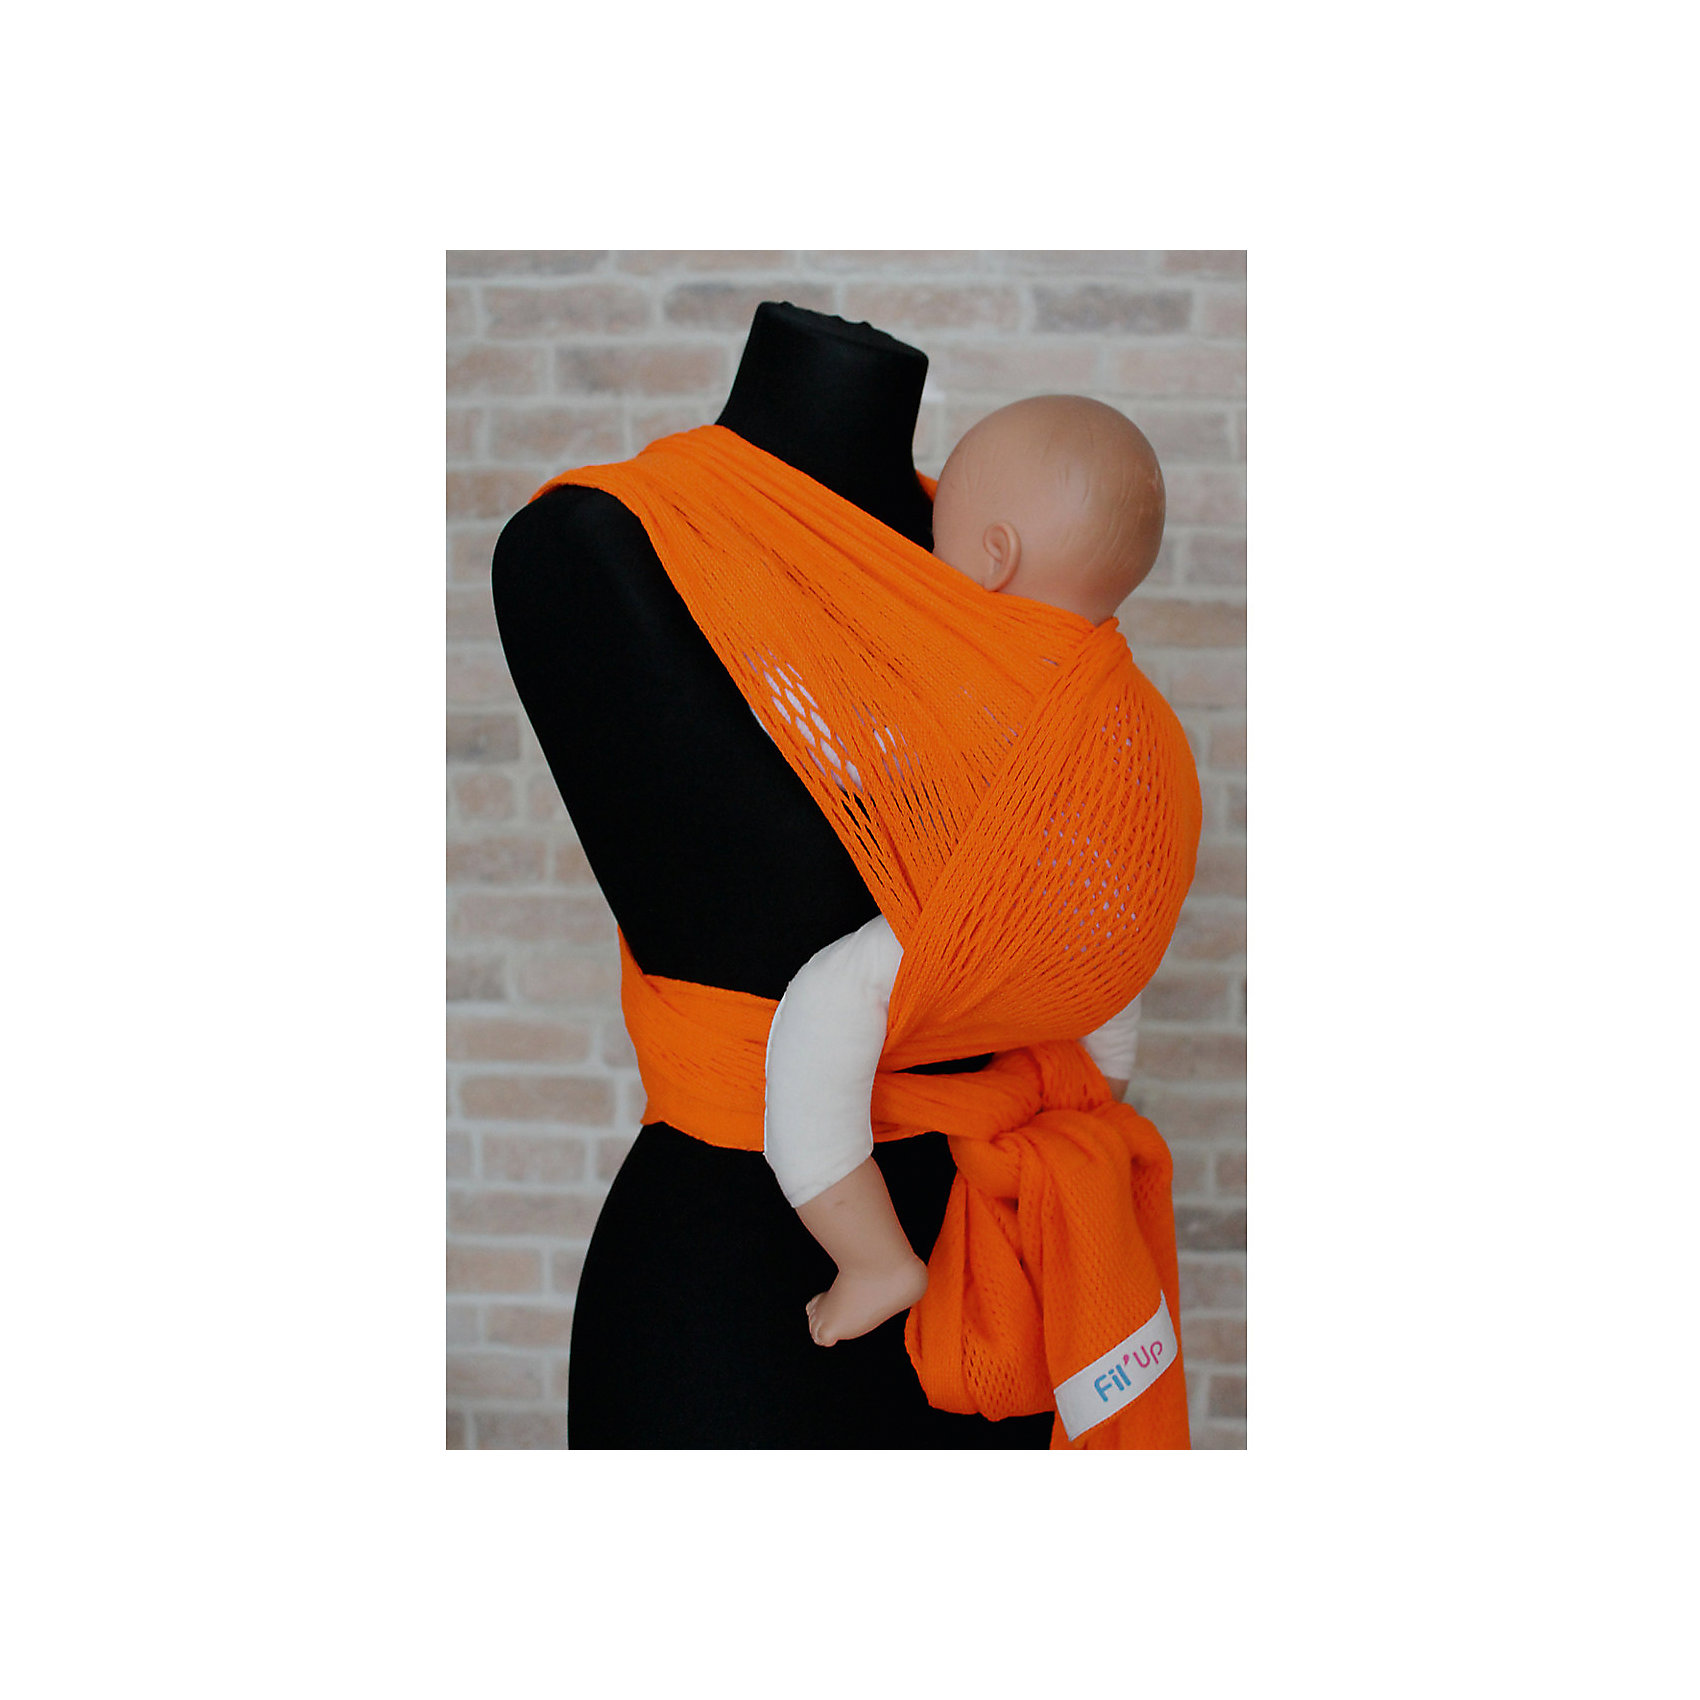 Слинг-шарф из хлопка плетеный размер s-m, Филап, Filt, оранжевыйСлинги и рюкзаки-переноски<br>Характеристики:<br><br>• разработан совместно с врачами-ортопедами;<br>• обеспечивает оптимальную поддержку ребенка;<br>• легко наматывается;<br>• два способа намотки: «простой крест» и «двойной крест»;<br>• равномерно распределяет нагрузку на спину;<br>• основное положение: лицом к маме;<br>• подходит для автоматической стирки при температуре 30 градусов;<br>• сумочка в комплекте;<br>• цвет: оранжевый;<br>• материал: хлопок;<br>• возраст ребенка: 3 месяца-2 года (до 15 кг);<br>• размер слинга: 4,4х0,5 м;<br>• размер упаковки: 24х26х7 см;<br>• вес: 430 грамм;<br>• страна бренда: Франция.<br><br>Слинг-шарф FilUp изготовлен из натурального хлопка сетчатого плетения и окрашен нетоксичными красителями. Плетеный материал защитит ребенка и маму от жары. В зимнее время вы сможете одеть ребенка привычным образом, а слинг предотвратит перегревание. Хлопок приятен телу, не вызывает аллергии.<br><br>Основное положение ребенка в слинге - лицом к маме. Кроме этого, возможно положение на боку и за спиной.  Слинг легко надевается и вытягивается при необходимости. <br><br>Слинг-шарф равномерно распределяет нагрузку на спину, чтобы вы могли носить малыша с комфортом. Широкая центральная часть шарфа удобна для правильной посадки и фиксации ребенка.  Ножки ребенка будут находиться в положении, необходимом для правильного развития тазобедренных суставов. Узкие концы слинг-шарфа можно завязать так, чтобы они не мешали вам. <br><br>Слинг-шарф FilUp можно стирать в машинке при температуре 30°. Длина полотна - 4,4 метра. Ширина полотна - 0,5 метра. Подходит для детей от 3-4-х месяцев до 1,5-2-х лет (весом до 15 килограммов). В комплект входит сумочка-авоська, которая подойдет для бутылочек, салфеток и прочих необходимых предметов.<br><br>Слинг-шарф из хлопка плетеный размер s-m, Филап, Filt, оранжевый можно купить в нашем интернет-магазине.<br><br>Ширина мм: 800<br>Глубина мм: 800<br>Высота мм: 50